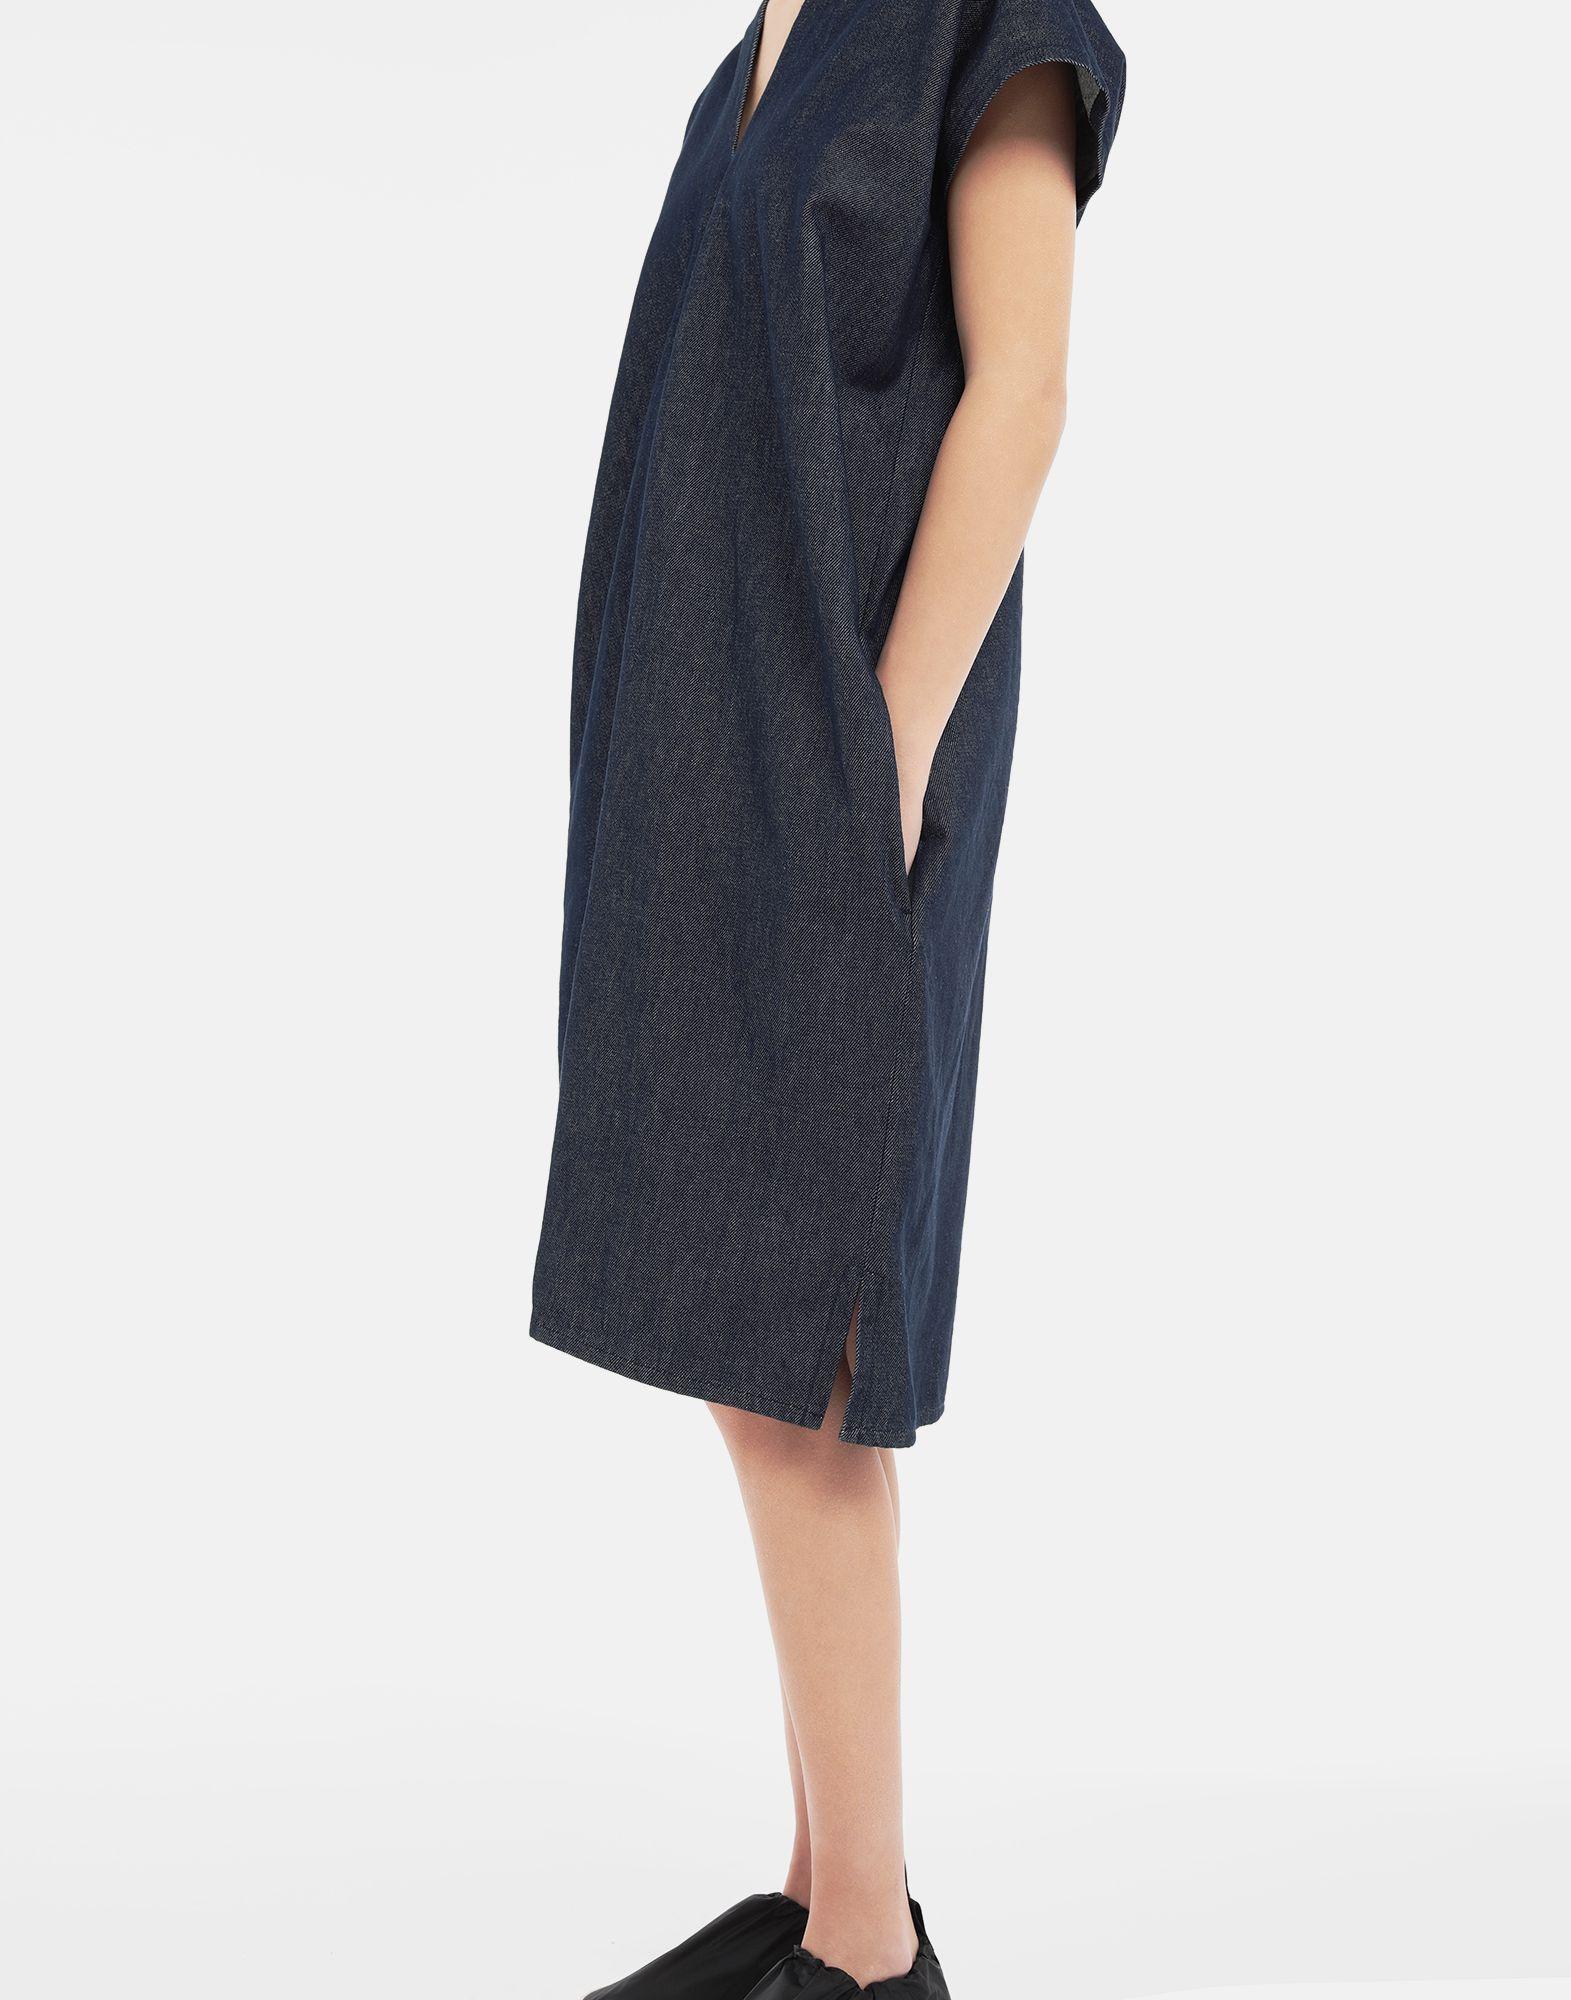 MM6 MAISON MARGIELA Denim dress Short dress Woman a